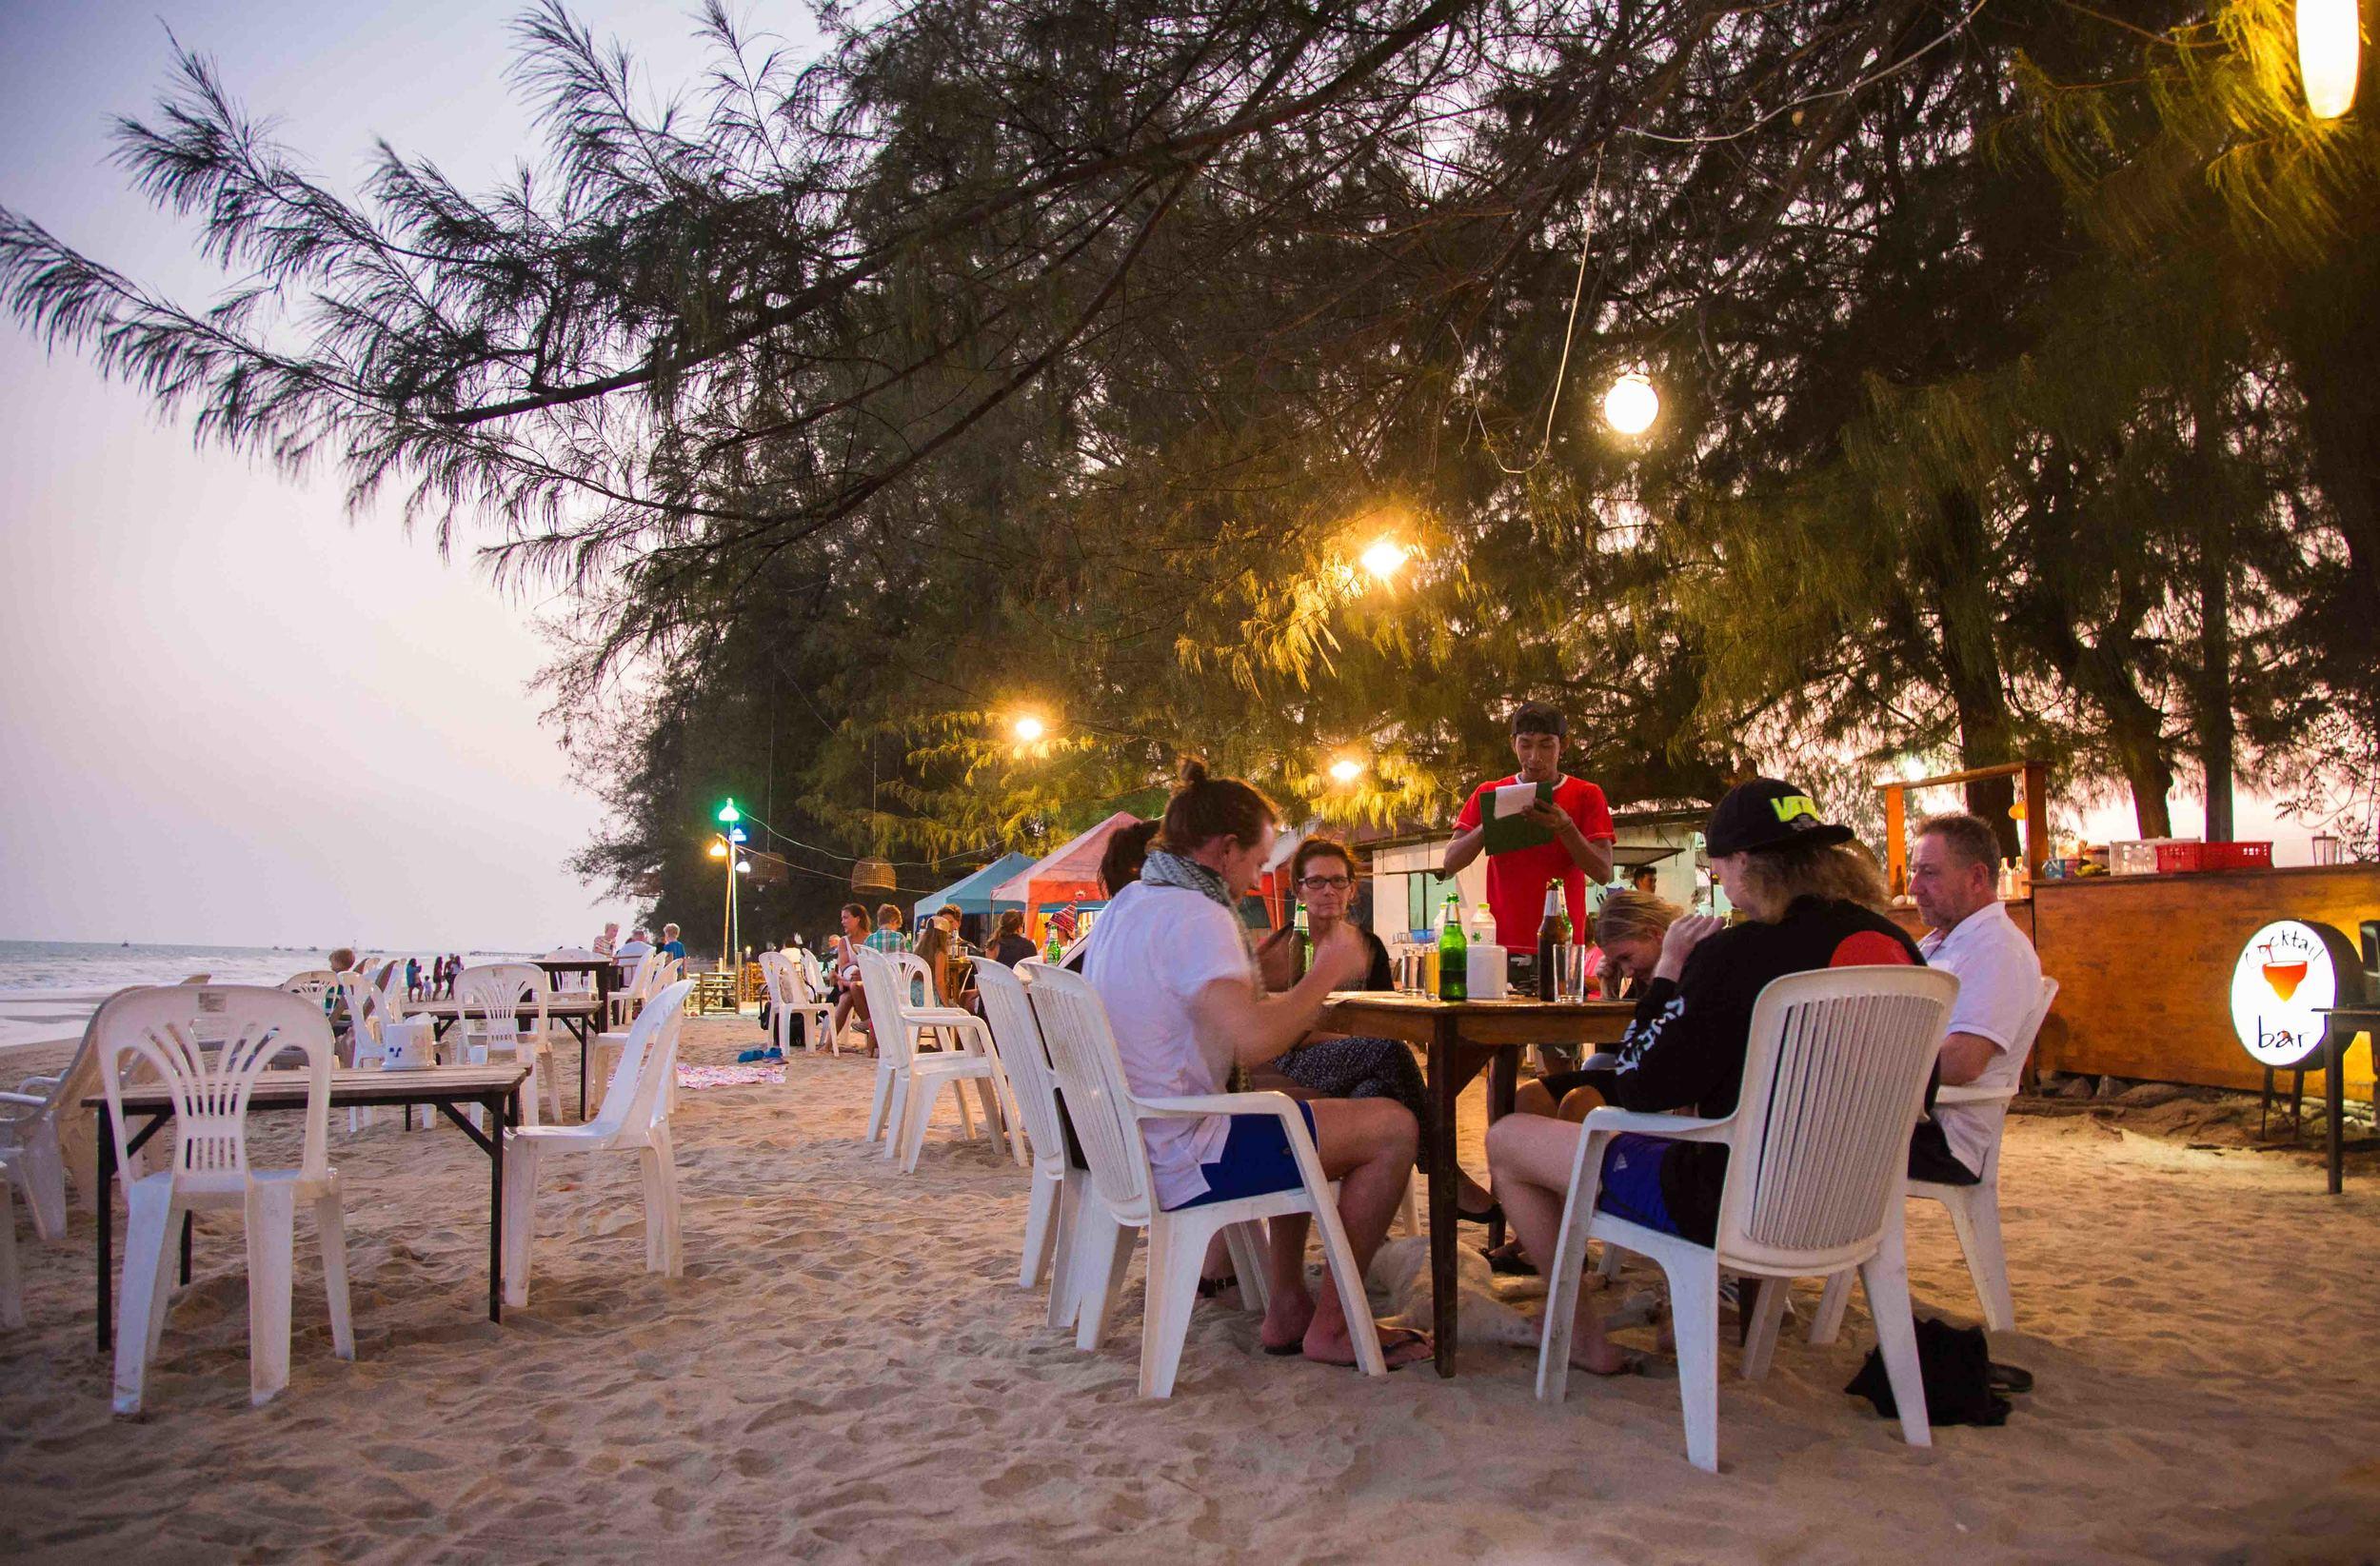 En av strandrestaurangerna.